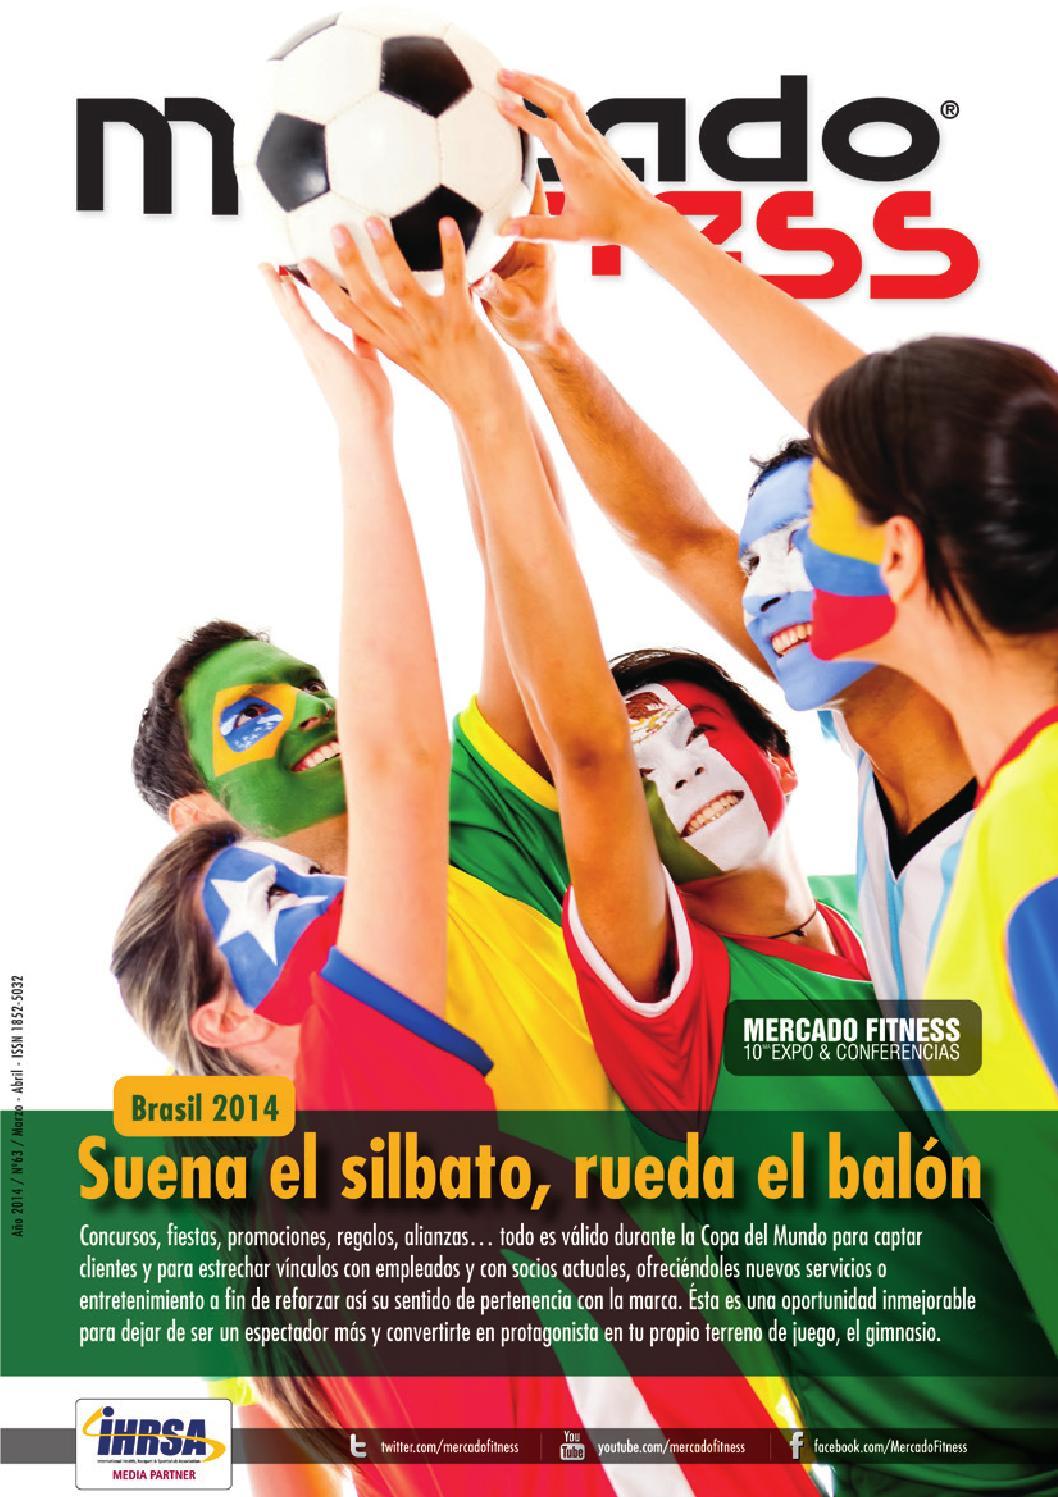 Lergo Entrenamiento Pelota de Reacci/ón Velocidad de Agilidad Fitness Silicona Hexagonal Deporte Baloncesto 1